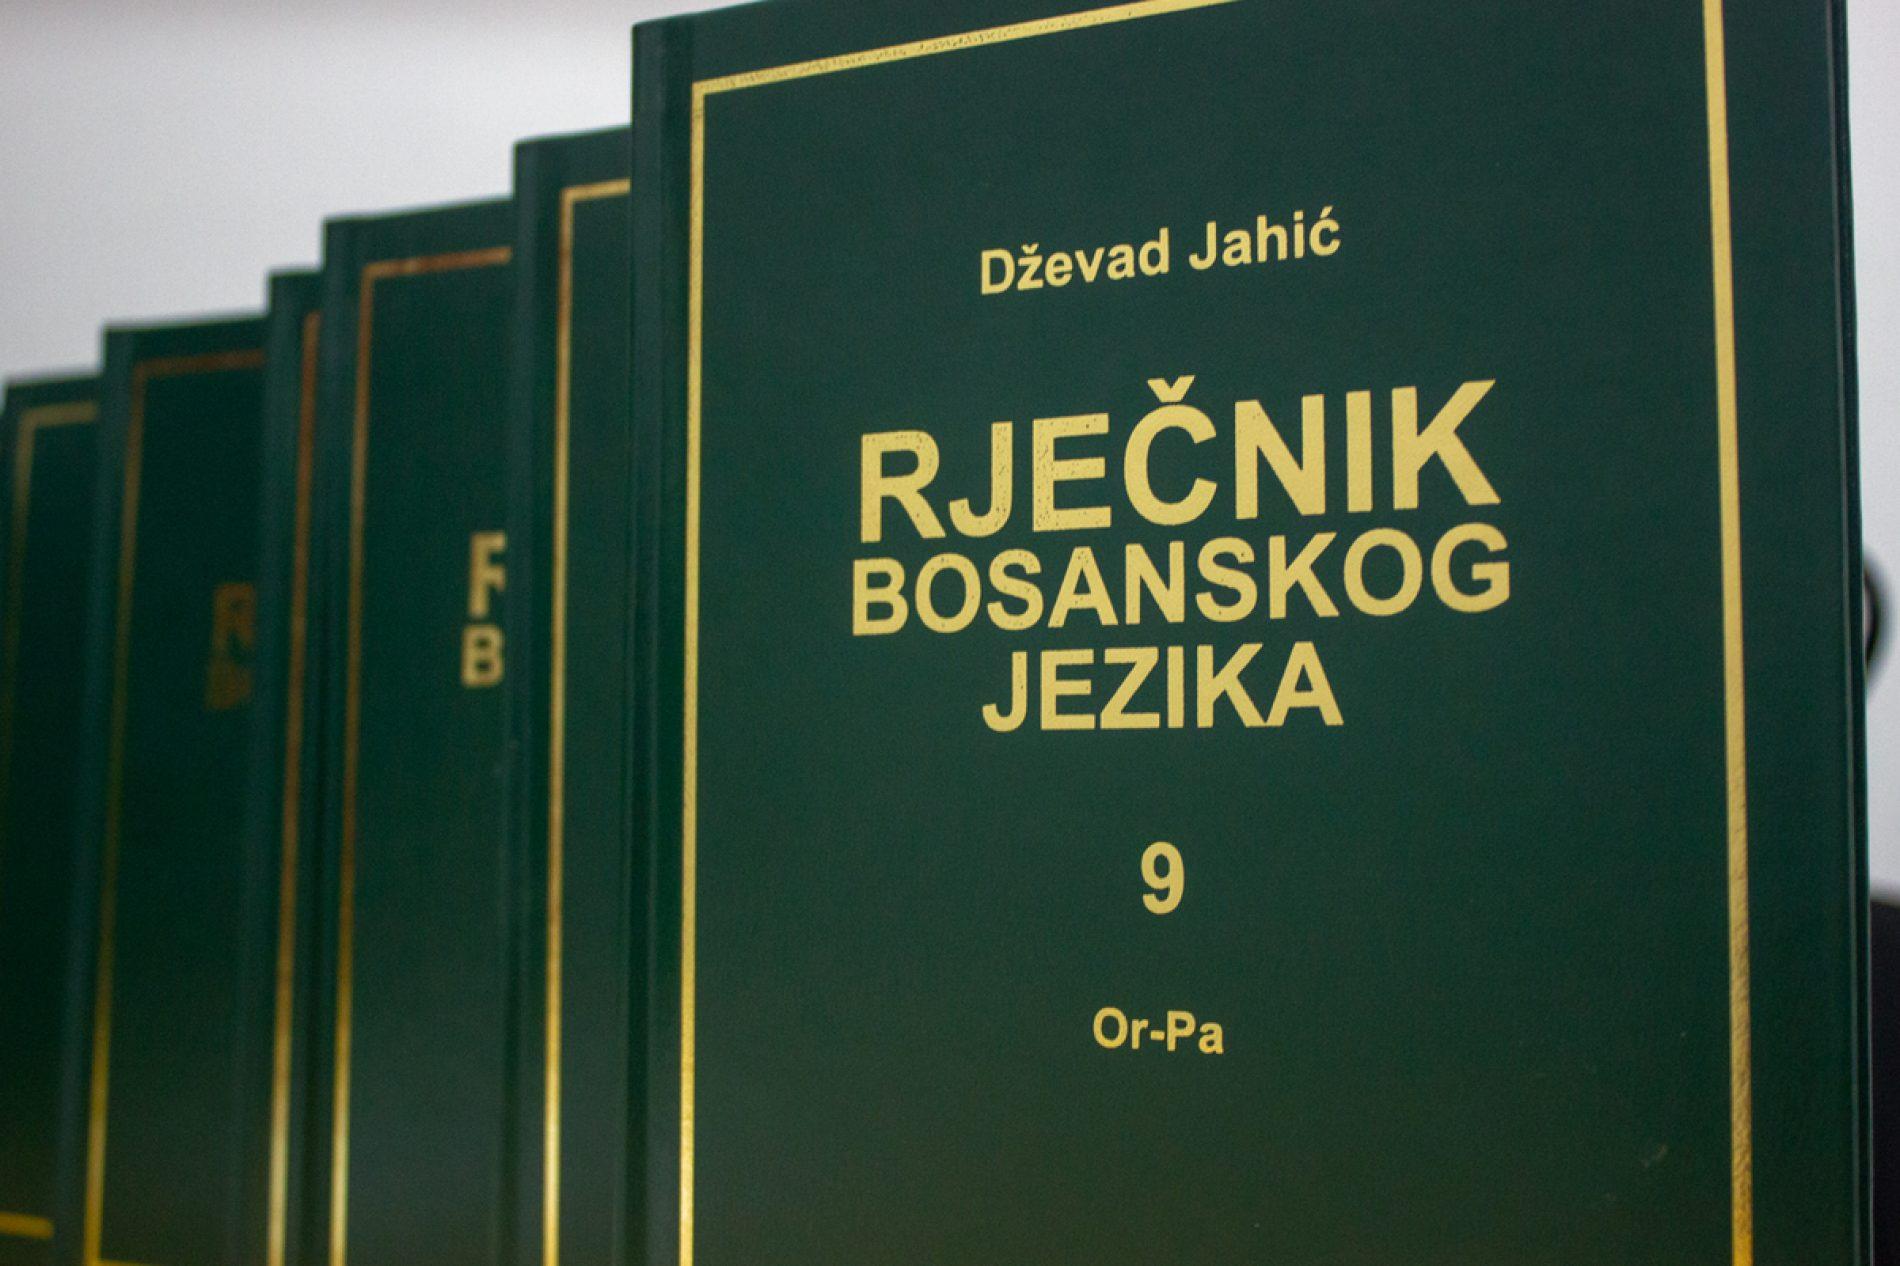 Grad Sarajevo će sufinansirati izradu XI toma enciklopedijskog Rječnika bosanskog jezika